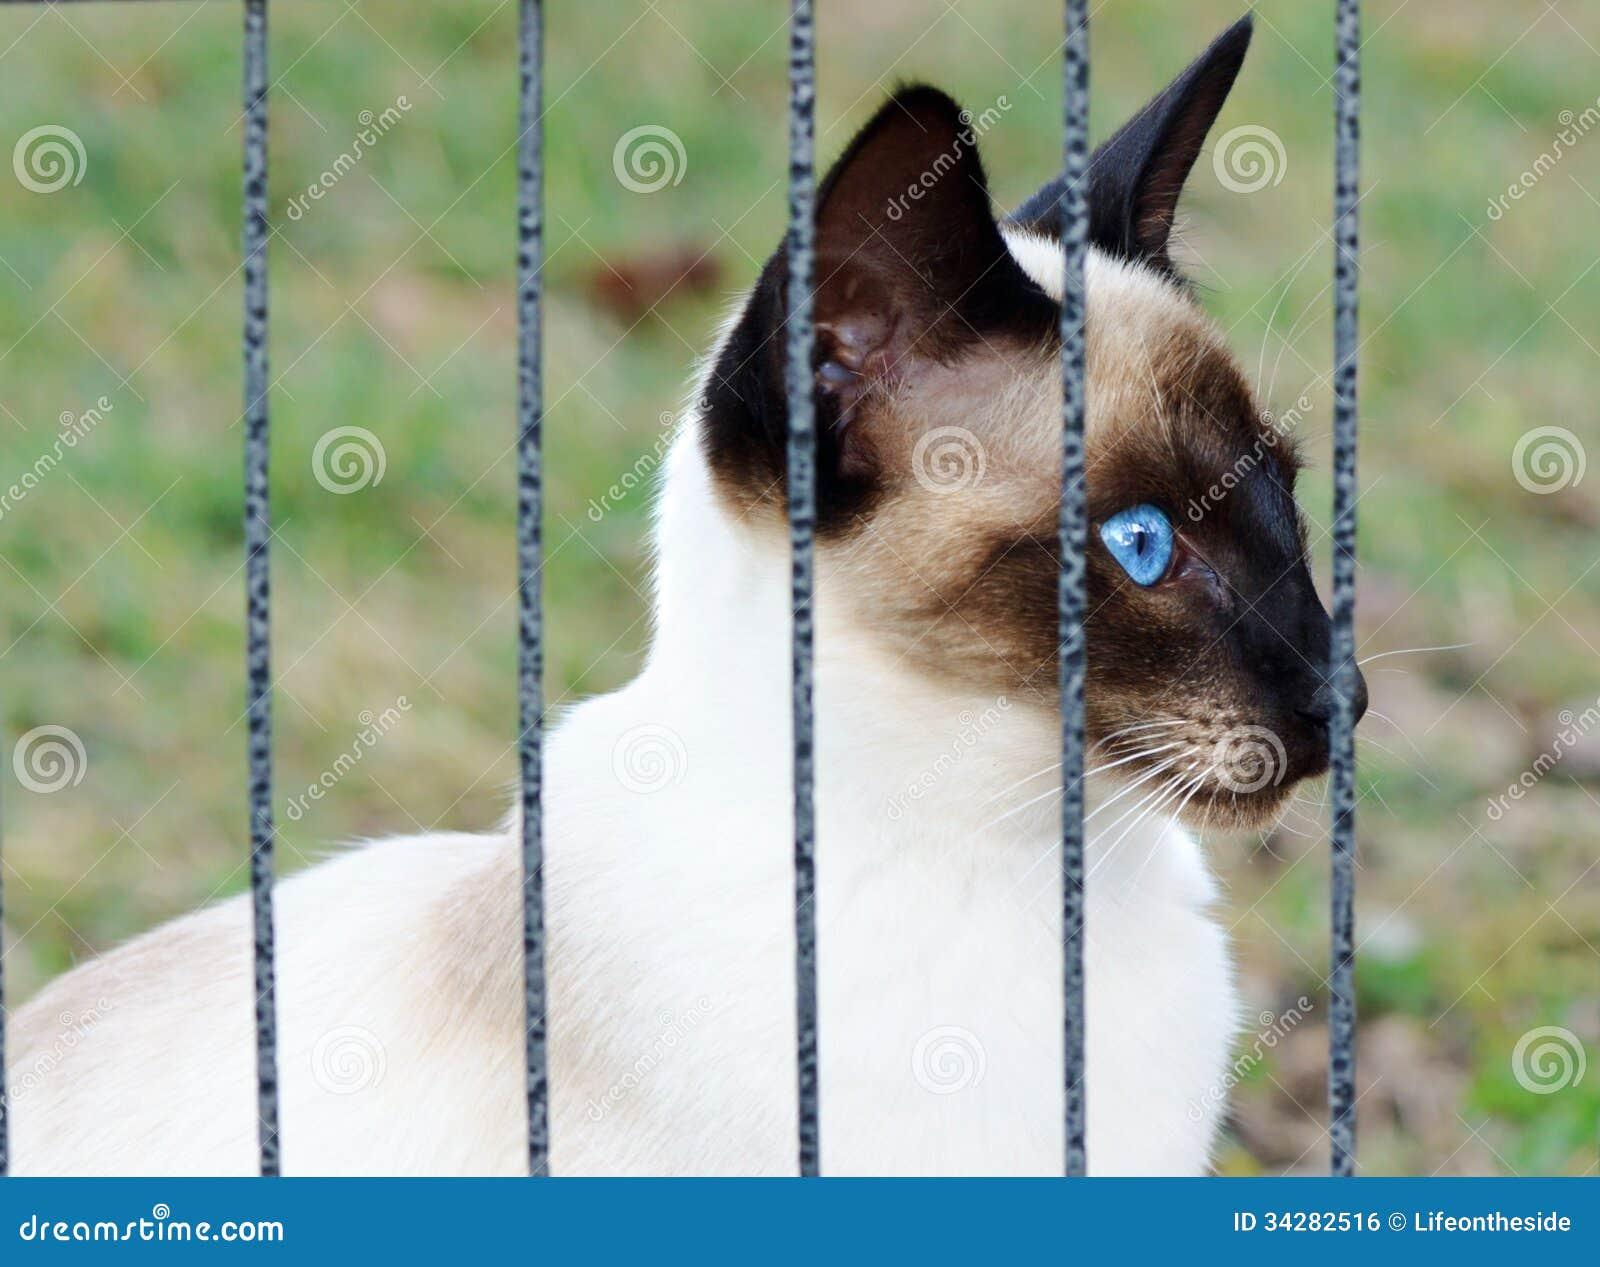 chat siamois dans une cage regardant par des barres photo stock image 34282516. Black Bedroom Furniture Sets. Home Design Ideas